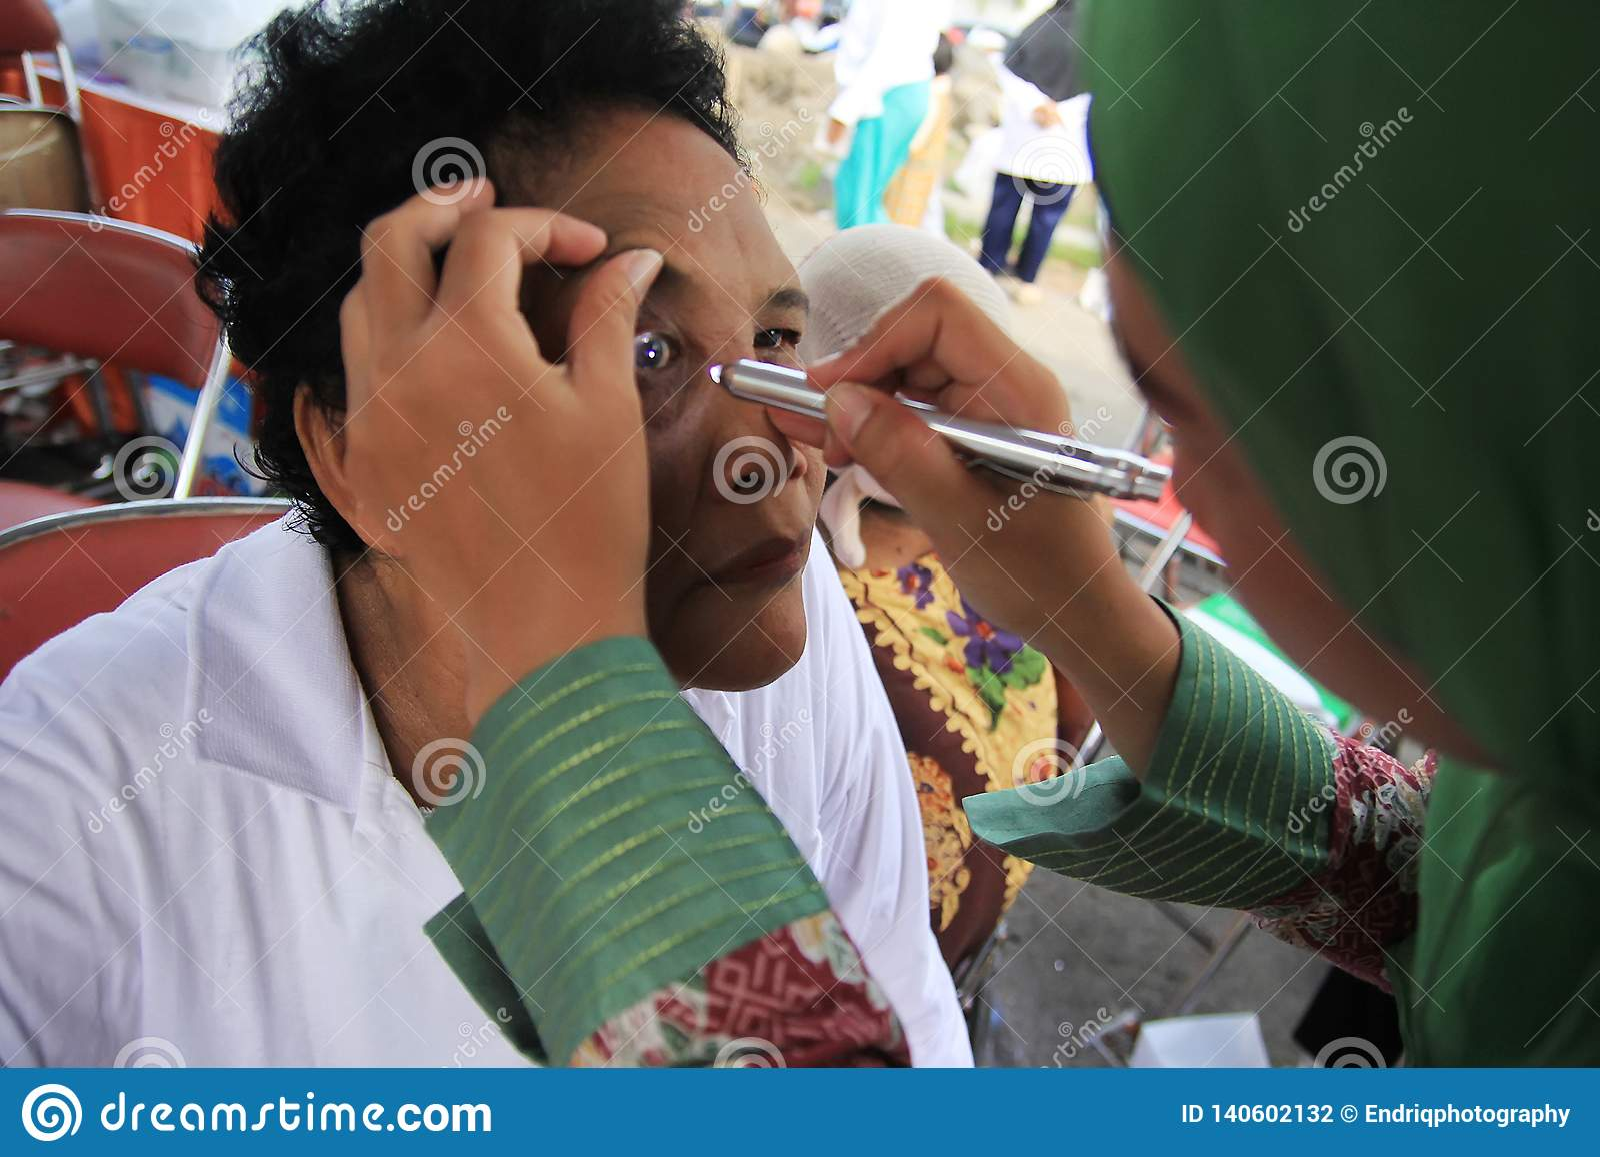 Το Surabaya Ινδονησία, μπορεί 21, το 2014 ένας εργαζόμενος στον ιατρικό κλάδο ελέγχει τα μάτια του ασθενή